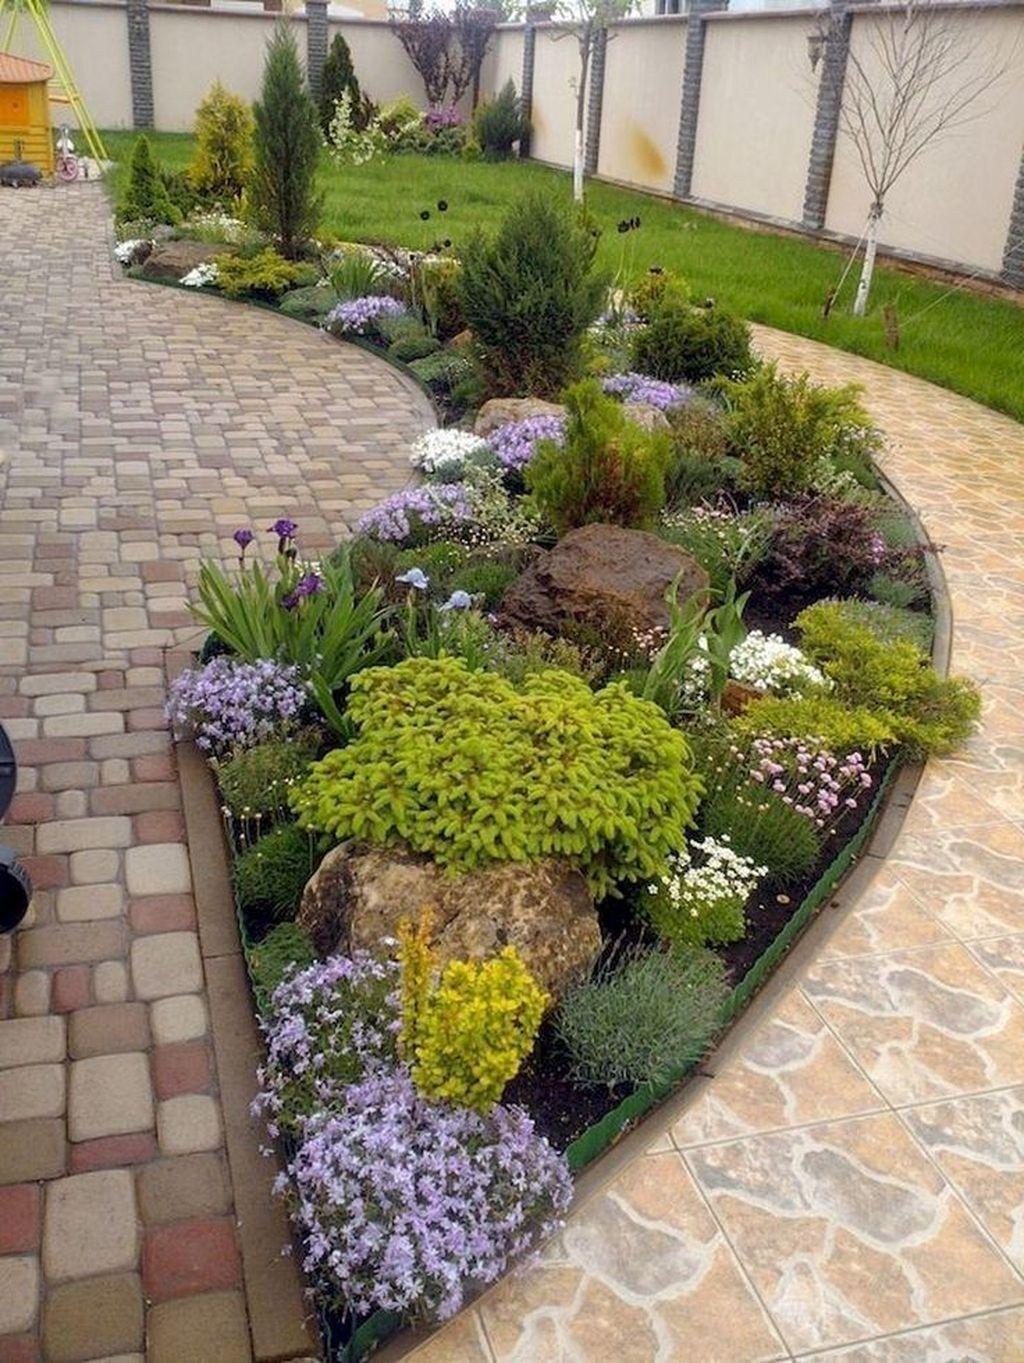 43 Inspirierende Ideen für moderne Gartengestaltung #backyardlandscapedesign